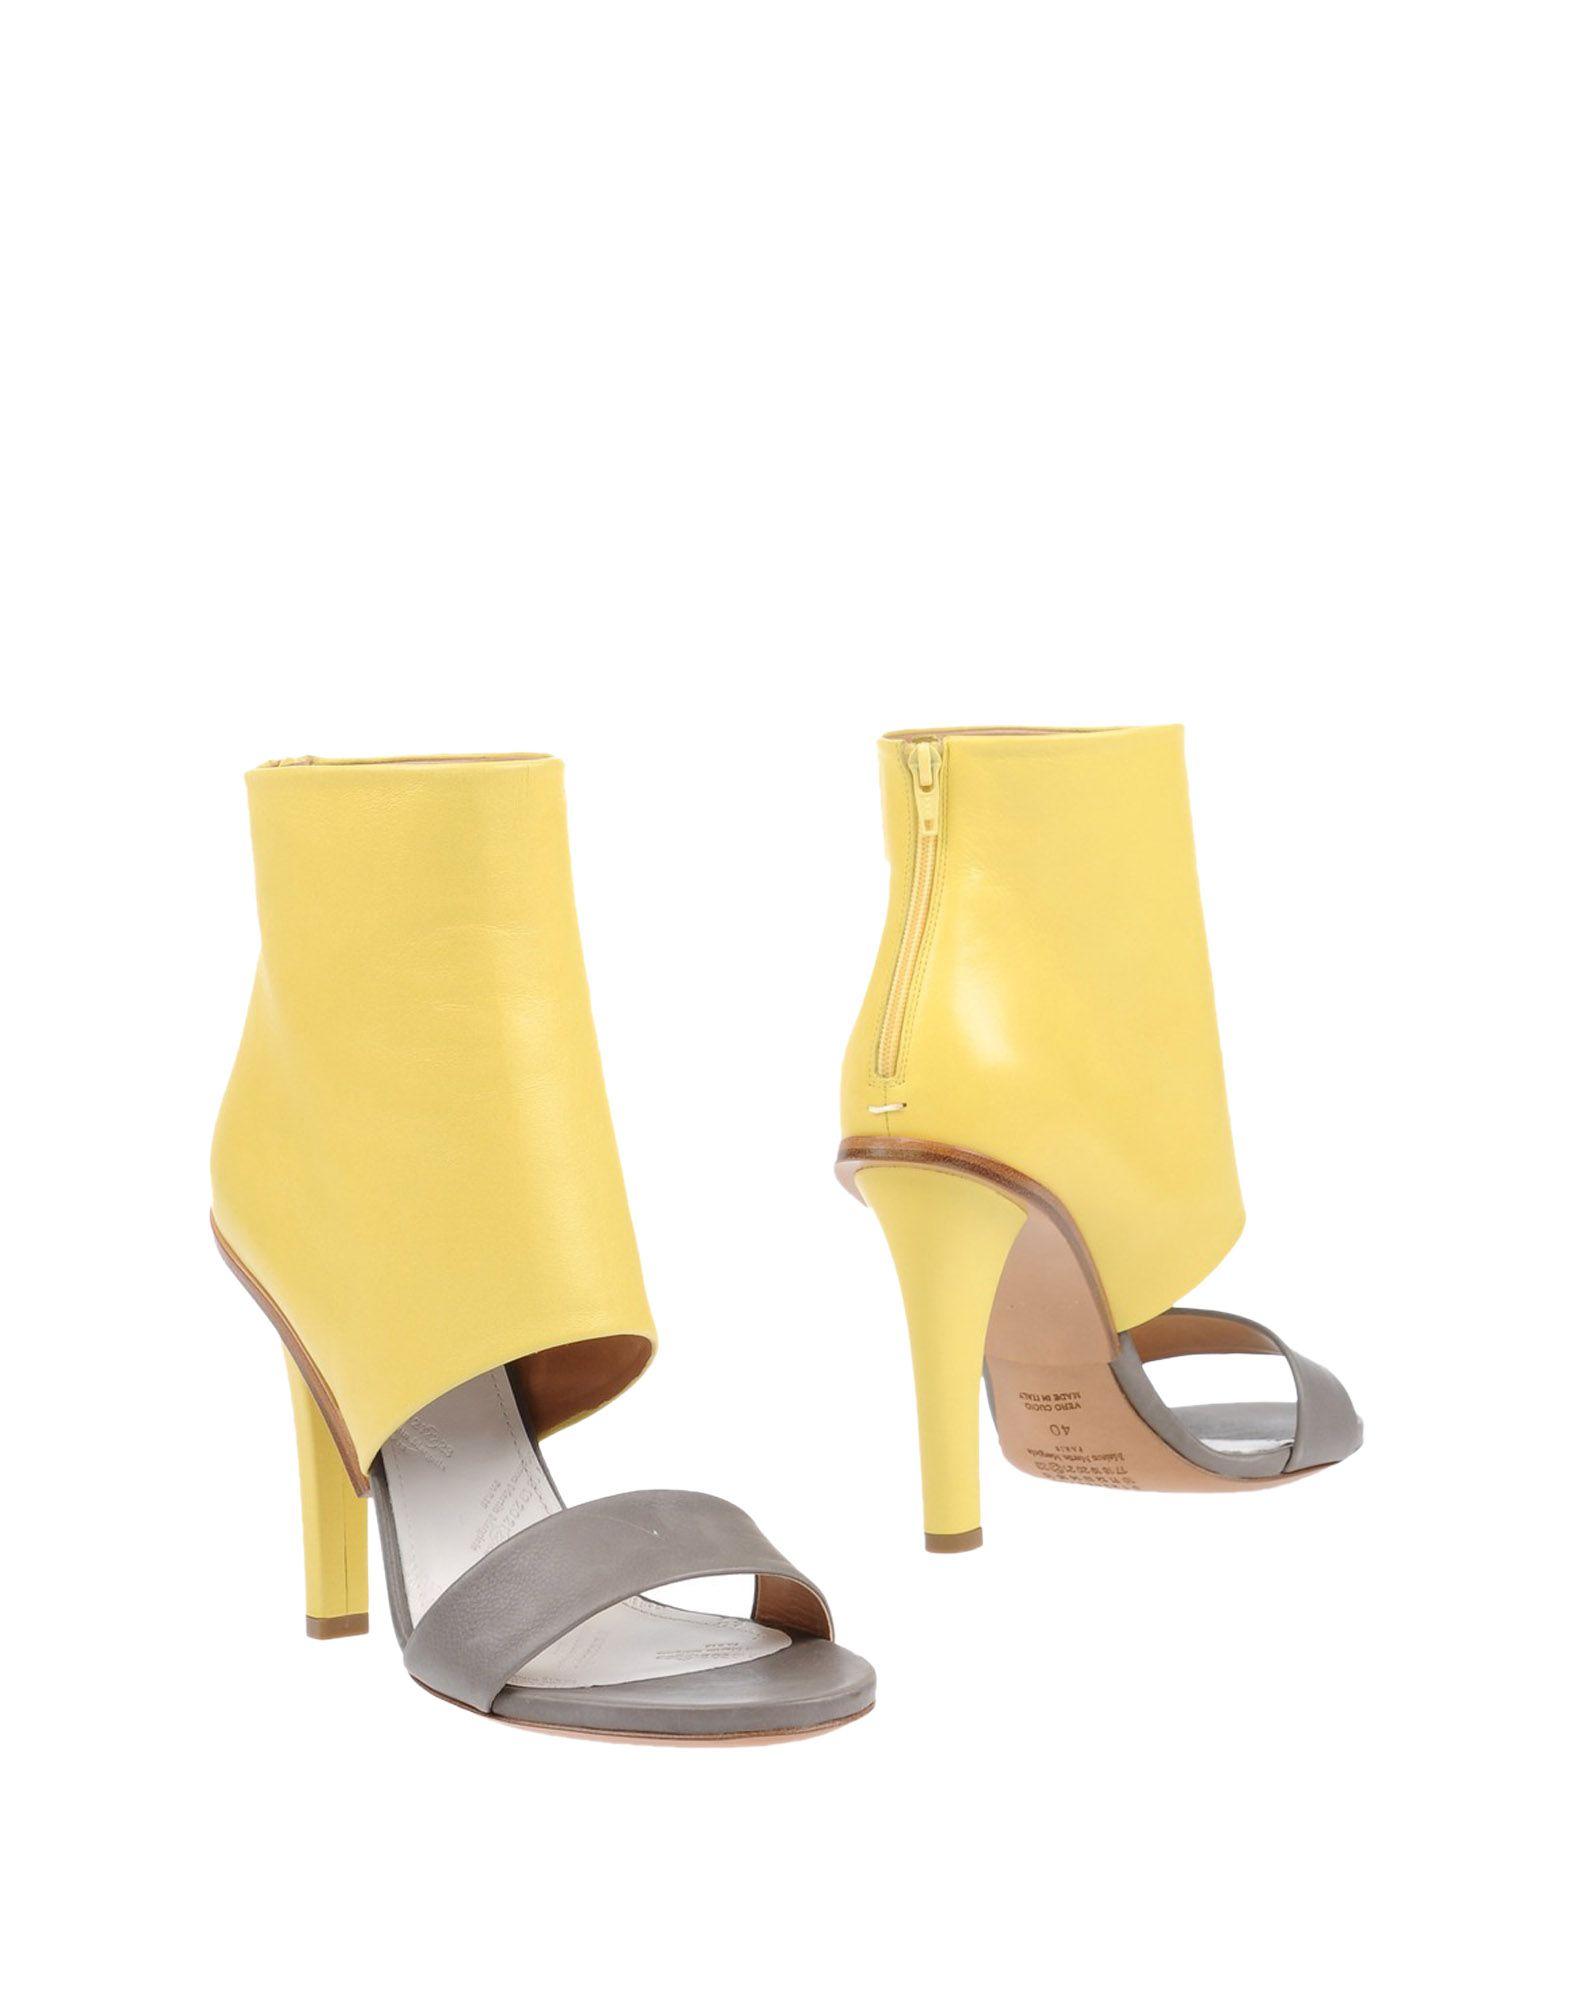 Stilvolle billige Schuhe Maison Margiela Stiefelette Damen  11157190MK 11157190MK 11157190MK ece154